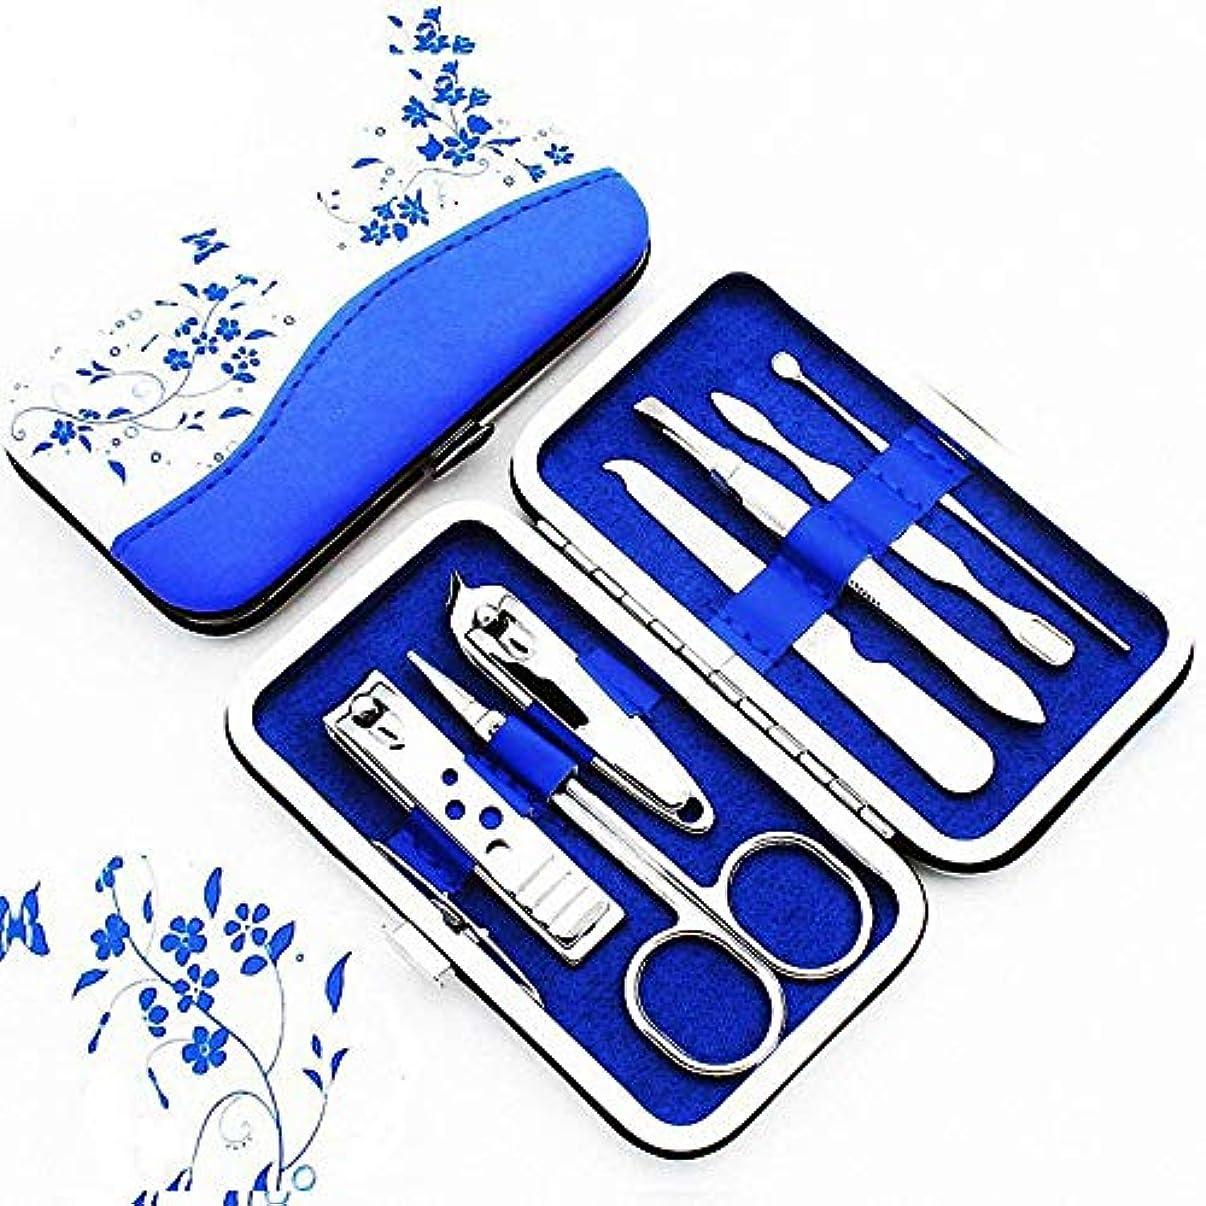 驚理論モンゴメリー爪切りセット携帯便利のグルーミング キット ステンレス製 つめきり 7点セット